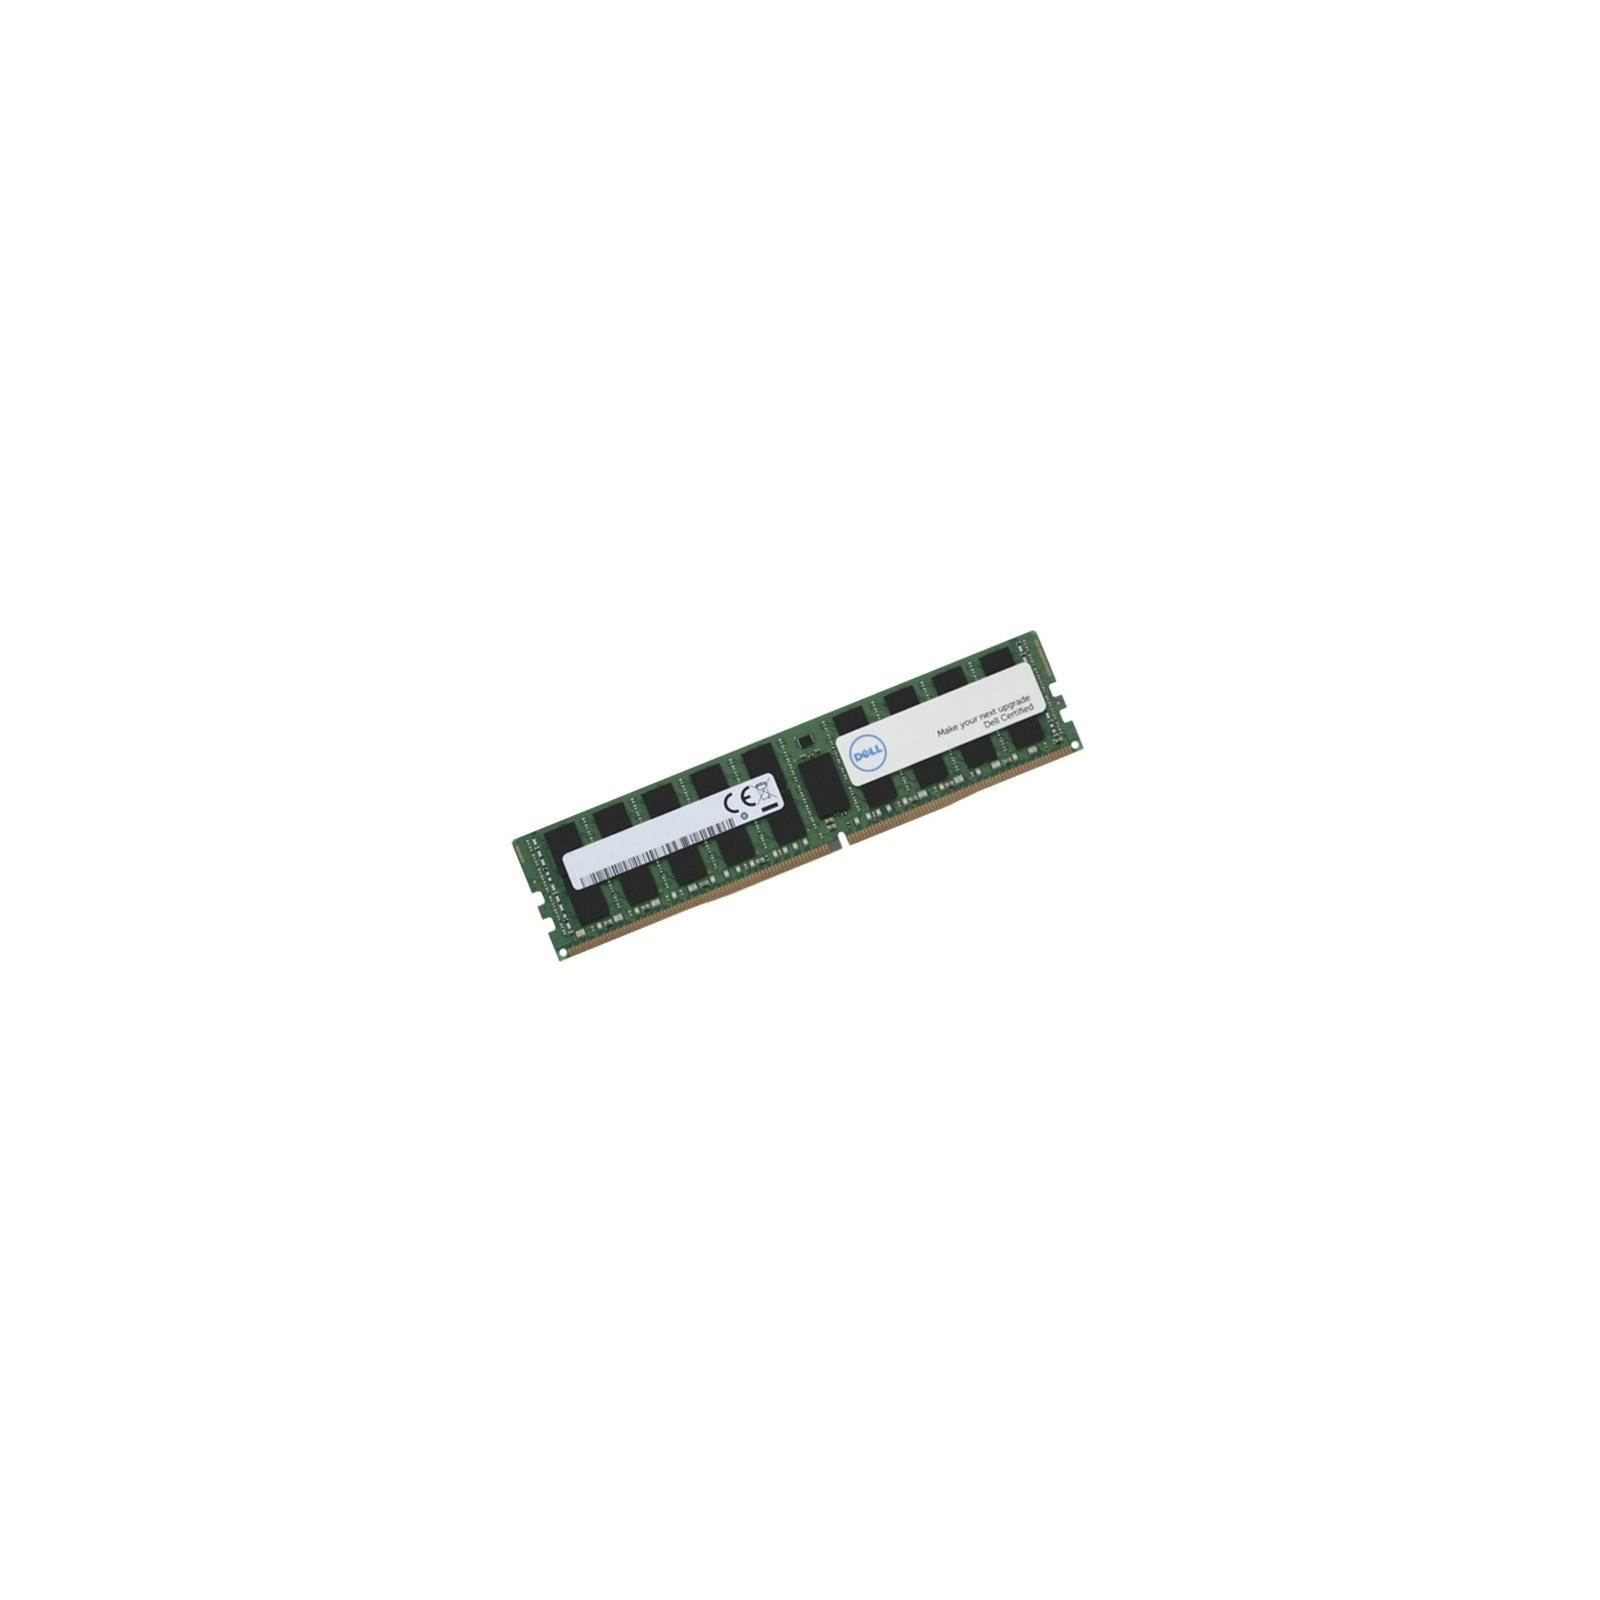 Модуль памяти для сервера DDR4 32GB ECC RDIMM 2666MHz 2Rx4 1.2V CL19 Dell (370-ADNF/M393A4K40BB2-CTD)